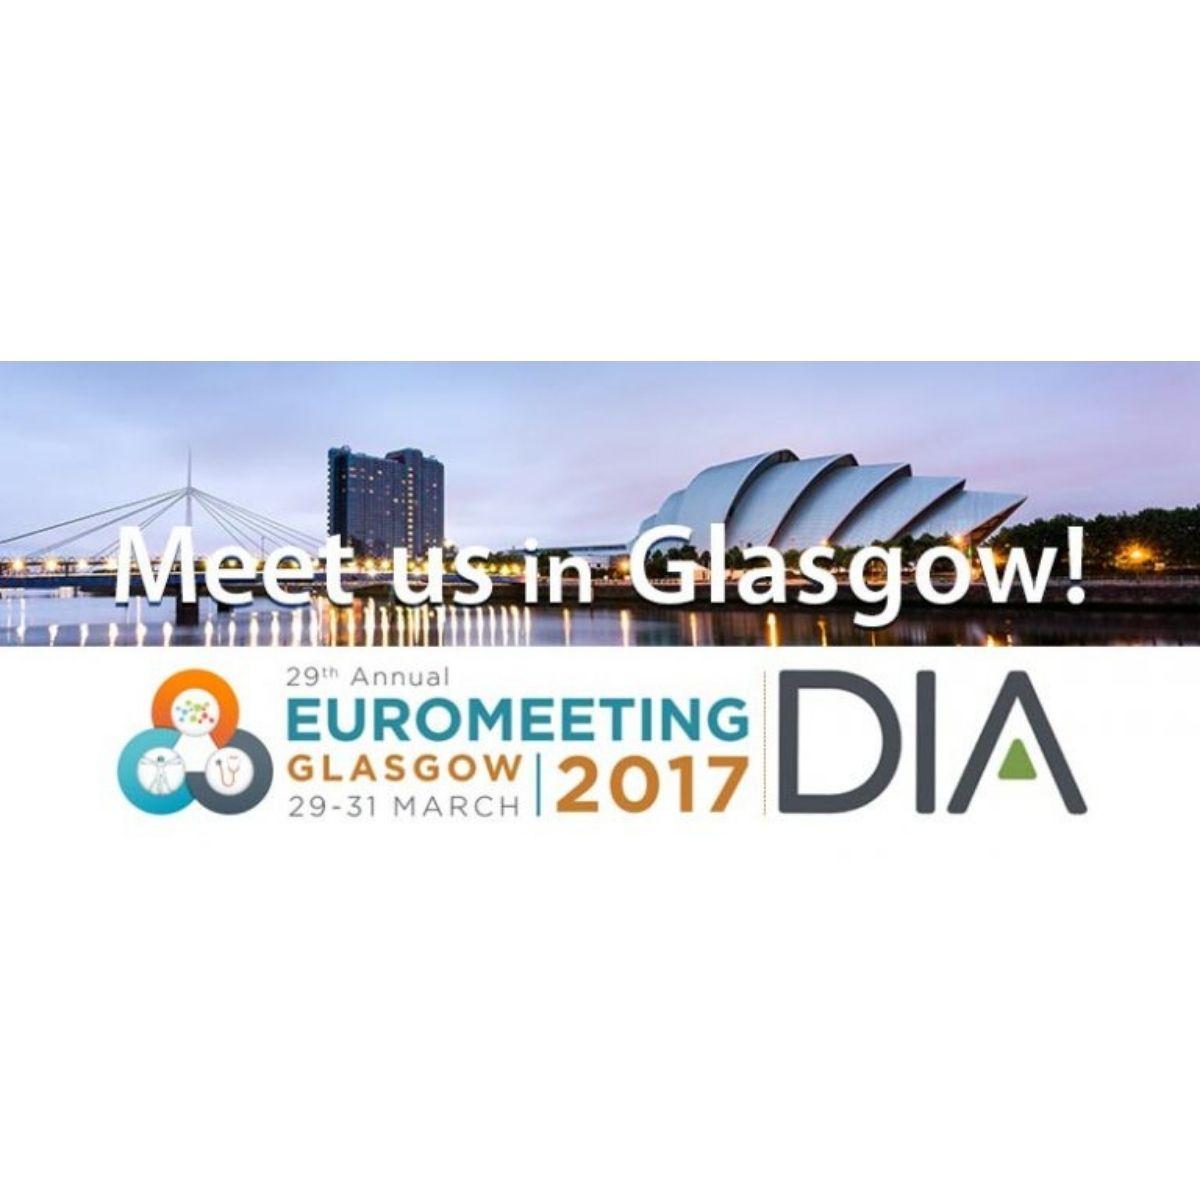 Rendez-vous à DIA Euromeeting 2017 !